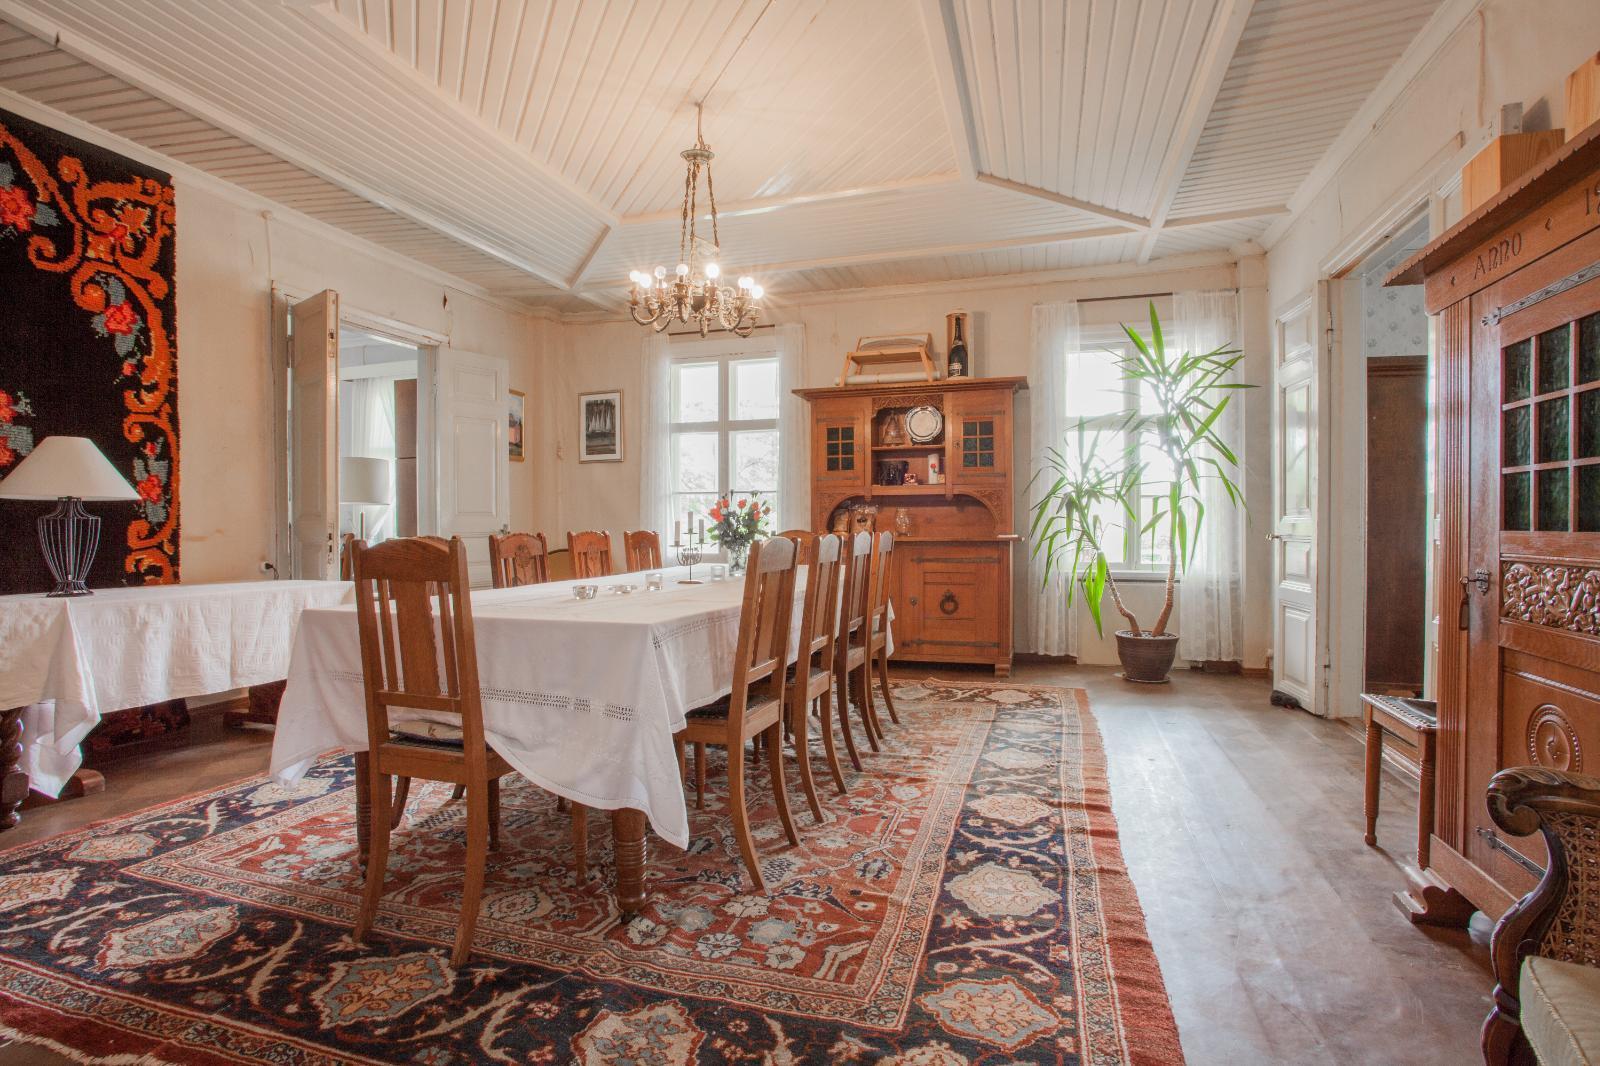 vanhat huonekalut ruokasalin sisustuksessa